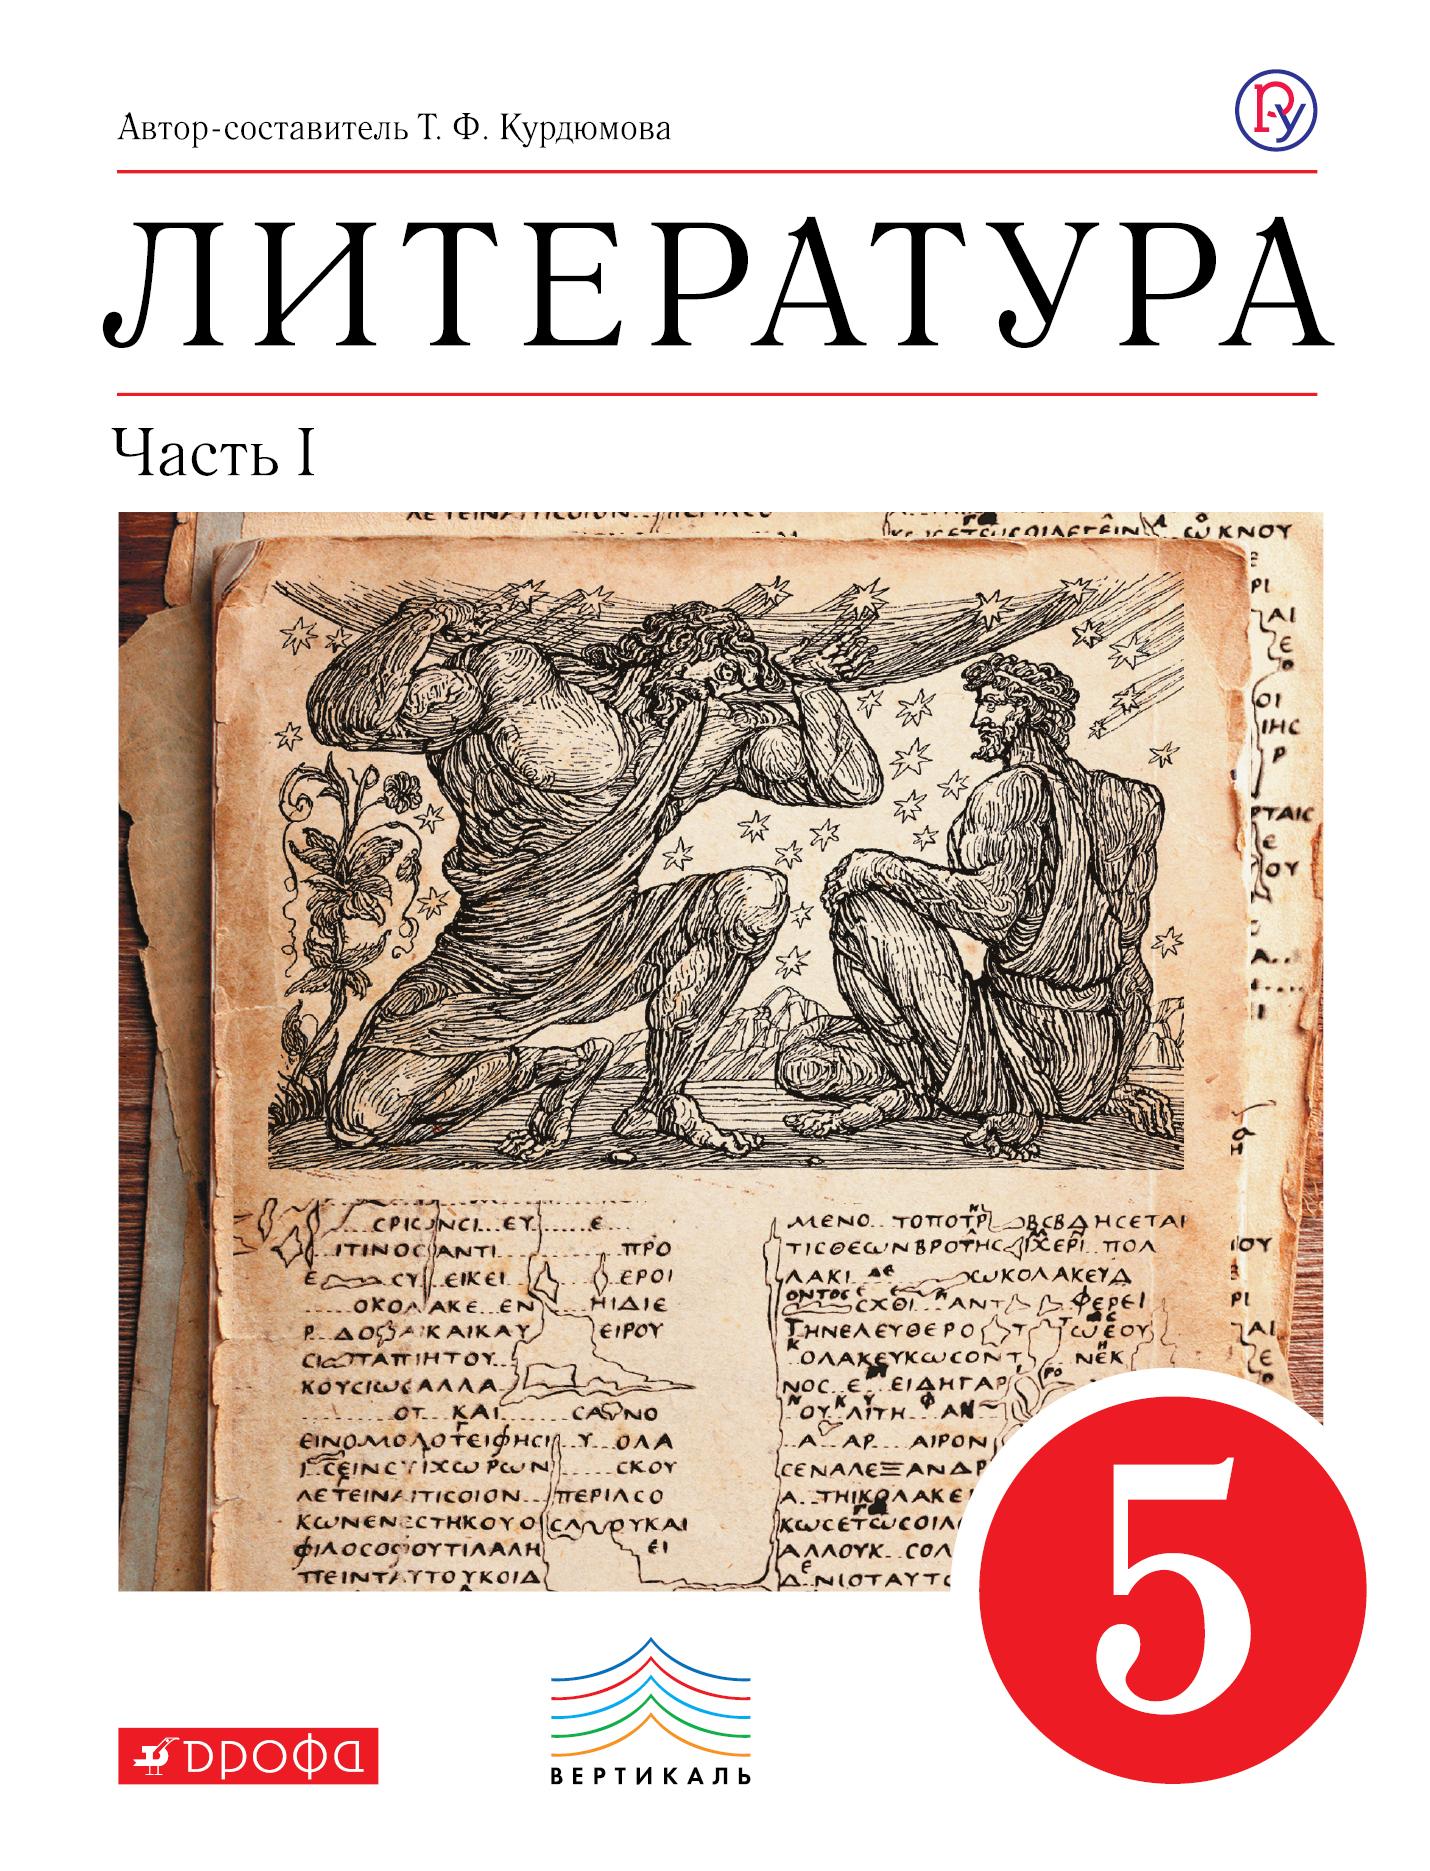 Курдюмова Т.Ф. Литература. 5 класс. Учебник-хрестоматия. Часть 1